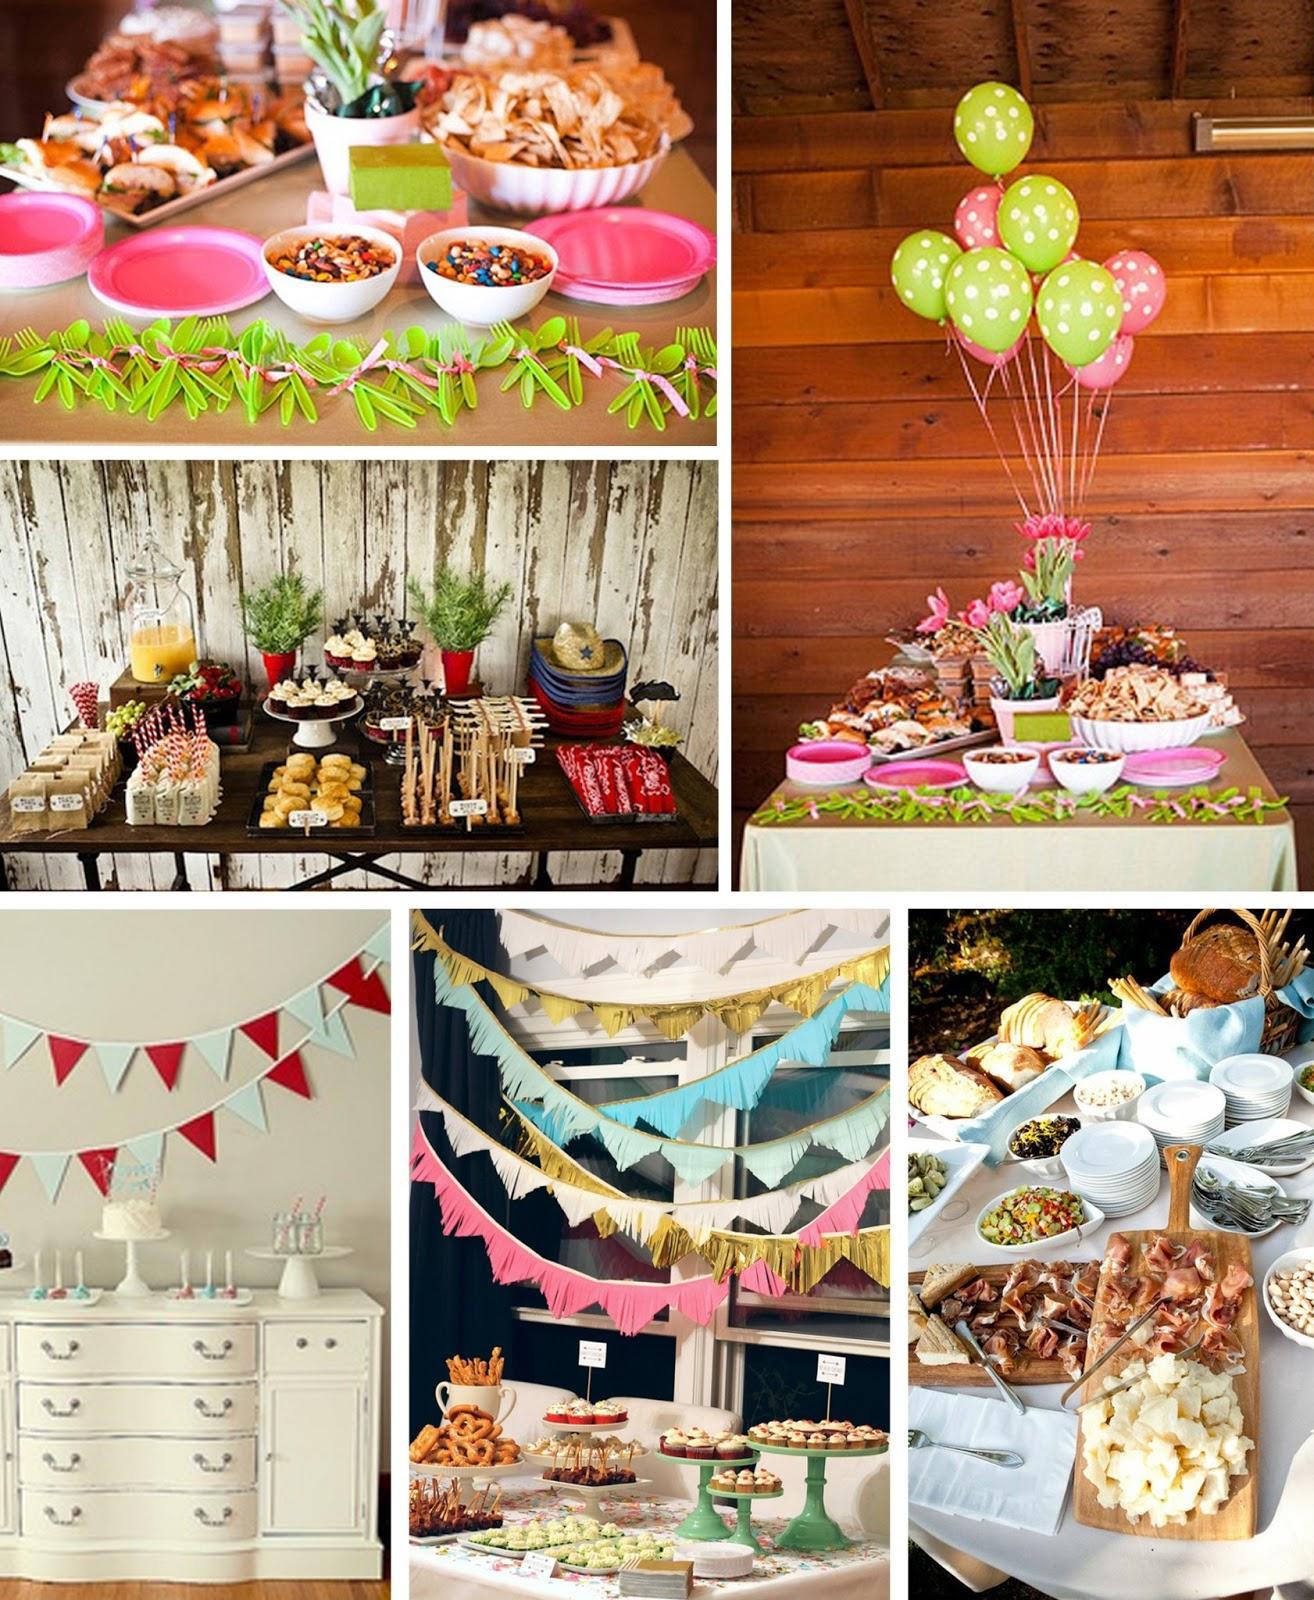 Detalles para una fiesta infantil paperblog - Detalles de decoracion para casa ...